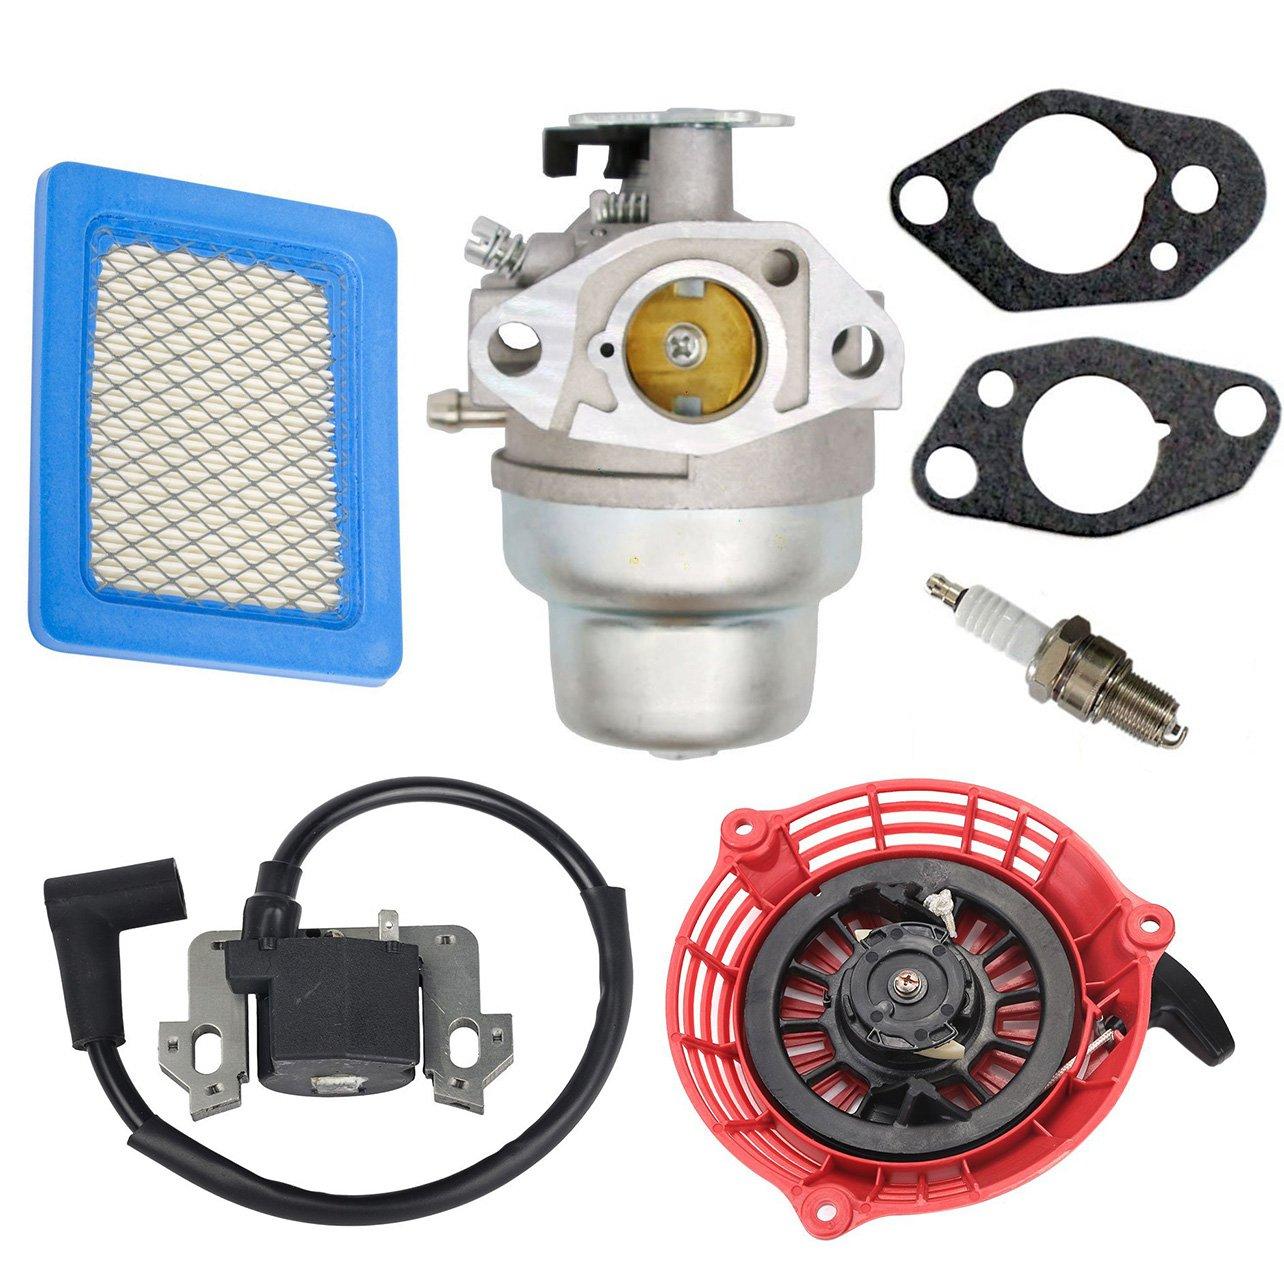 Oxoxo 16100-z0l-023Carburateur Carb kit avec filtre à air Bobine d'allumage Recoil Pull Starter pour Honda GCV160Hrb216pour tondeuse à gazon